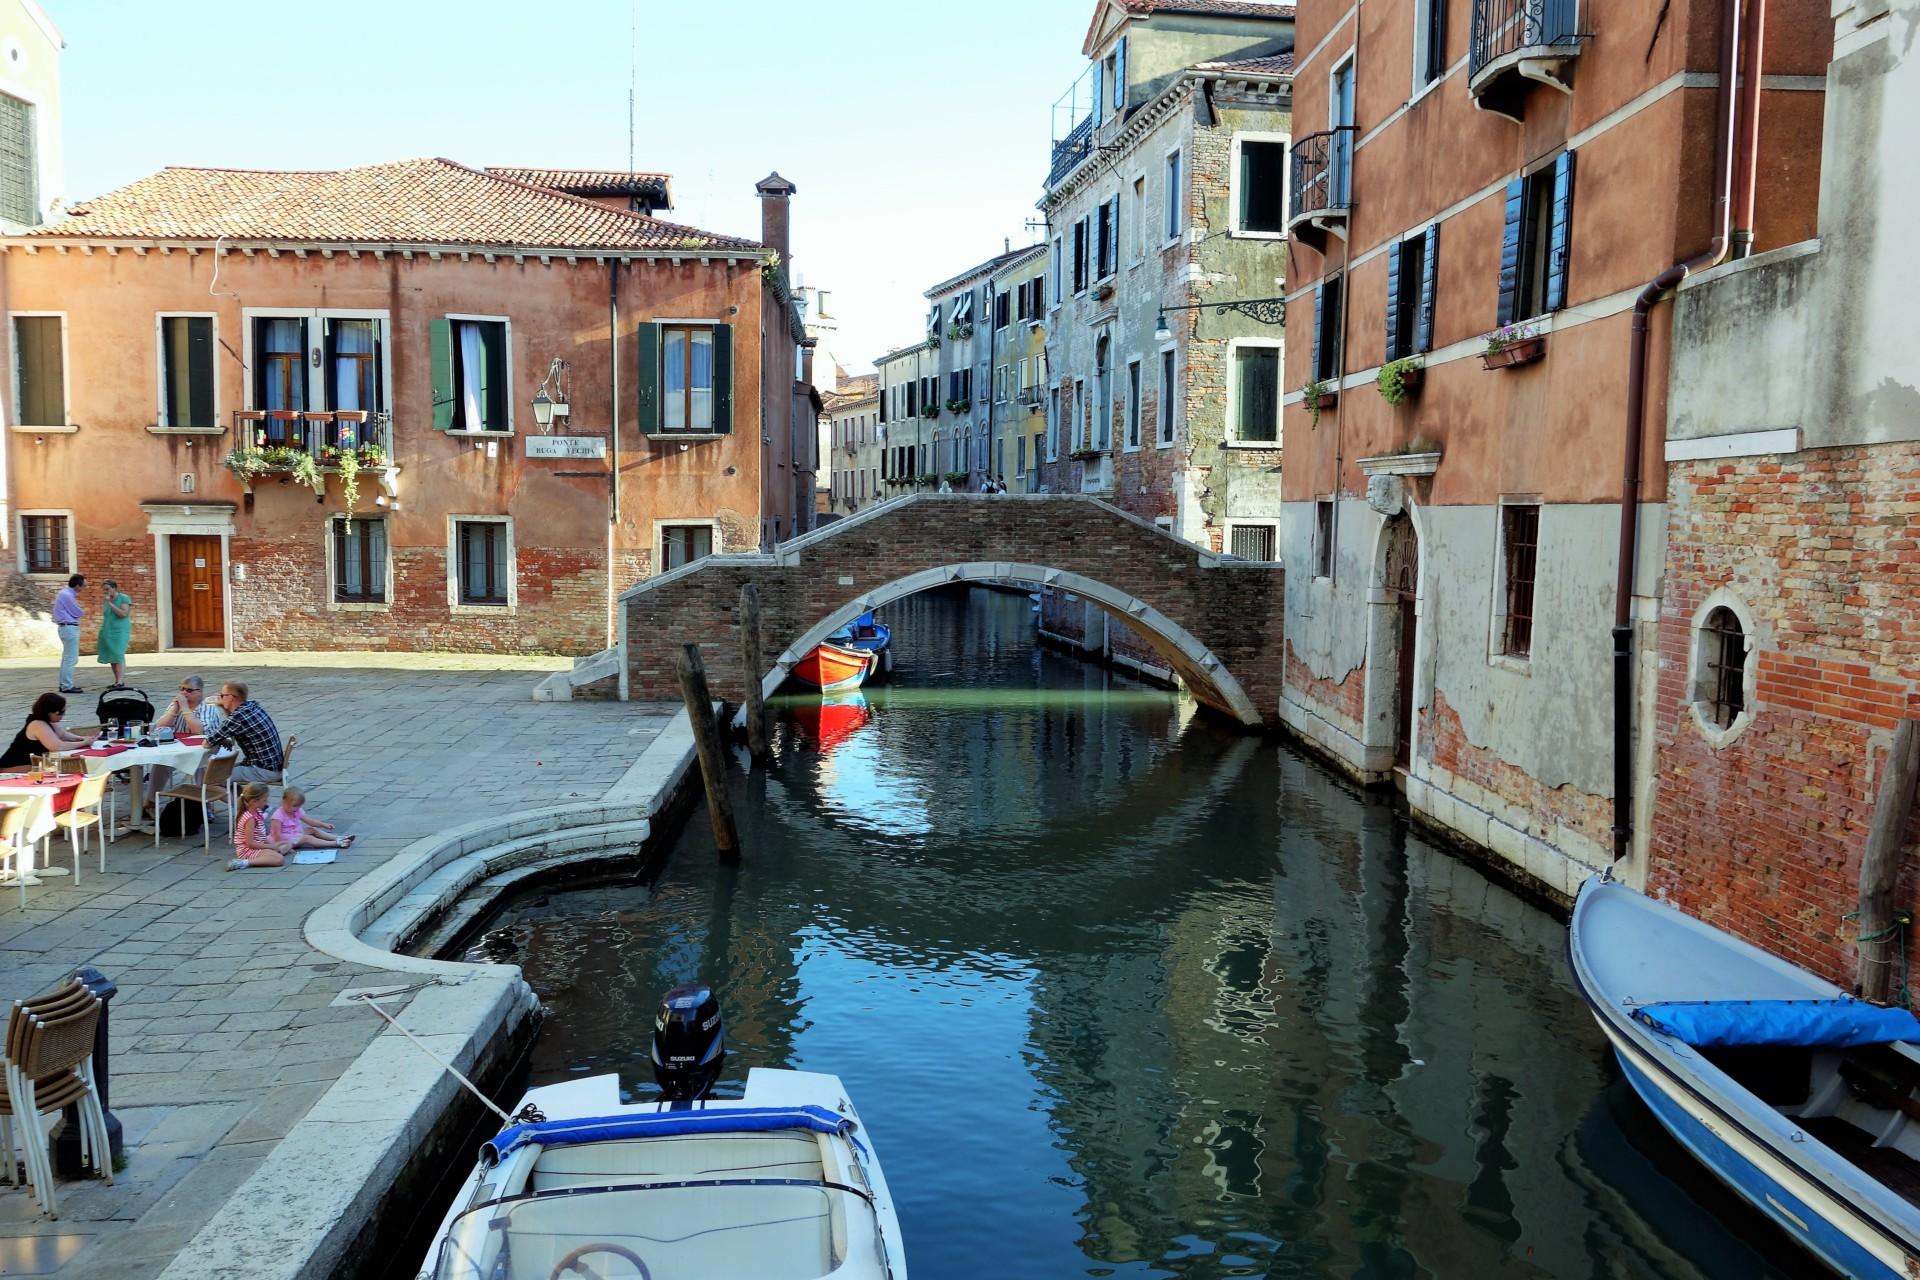 So ist Venedig gebaut, sorgfältig über dem WasserAlle Erwartungen erfüllt.